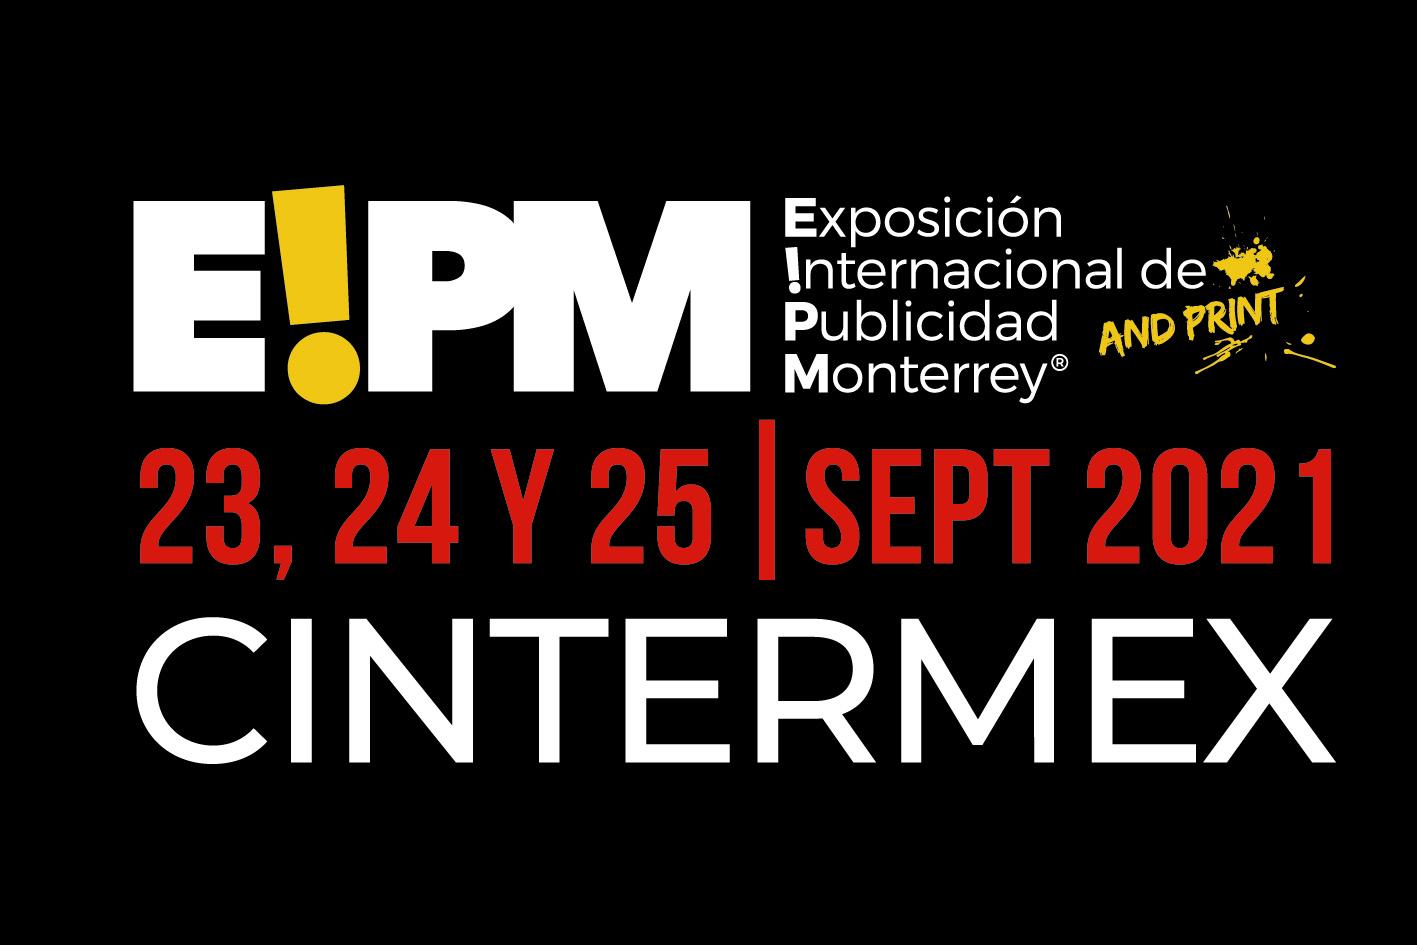 Expo Monterrey